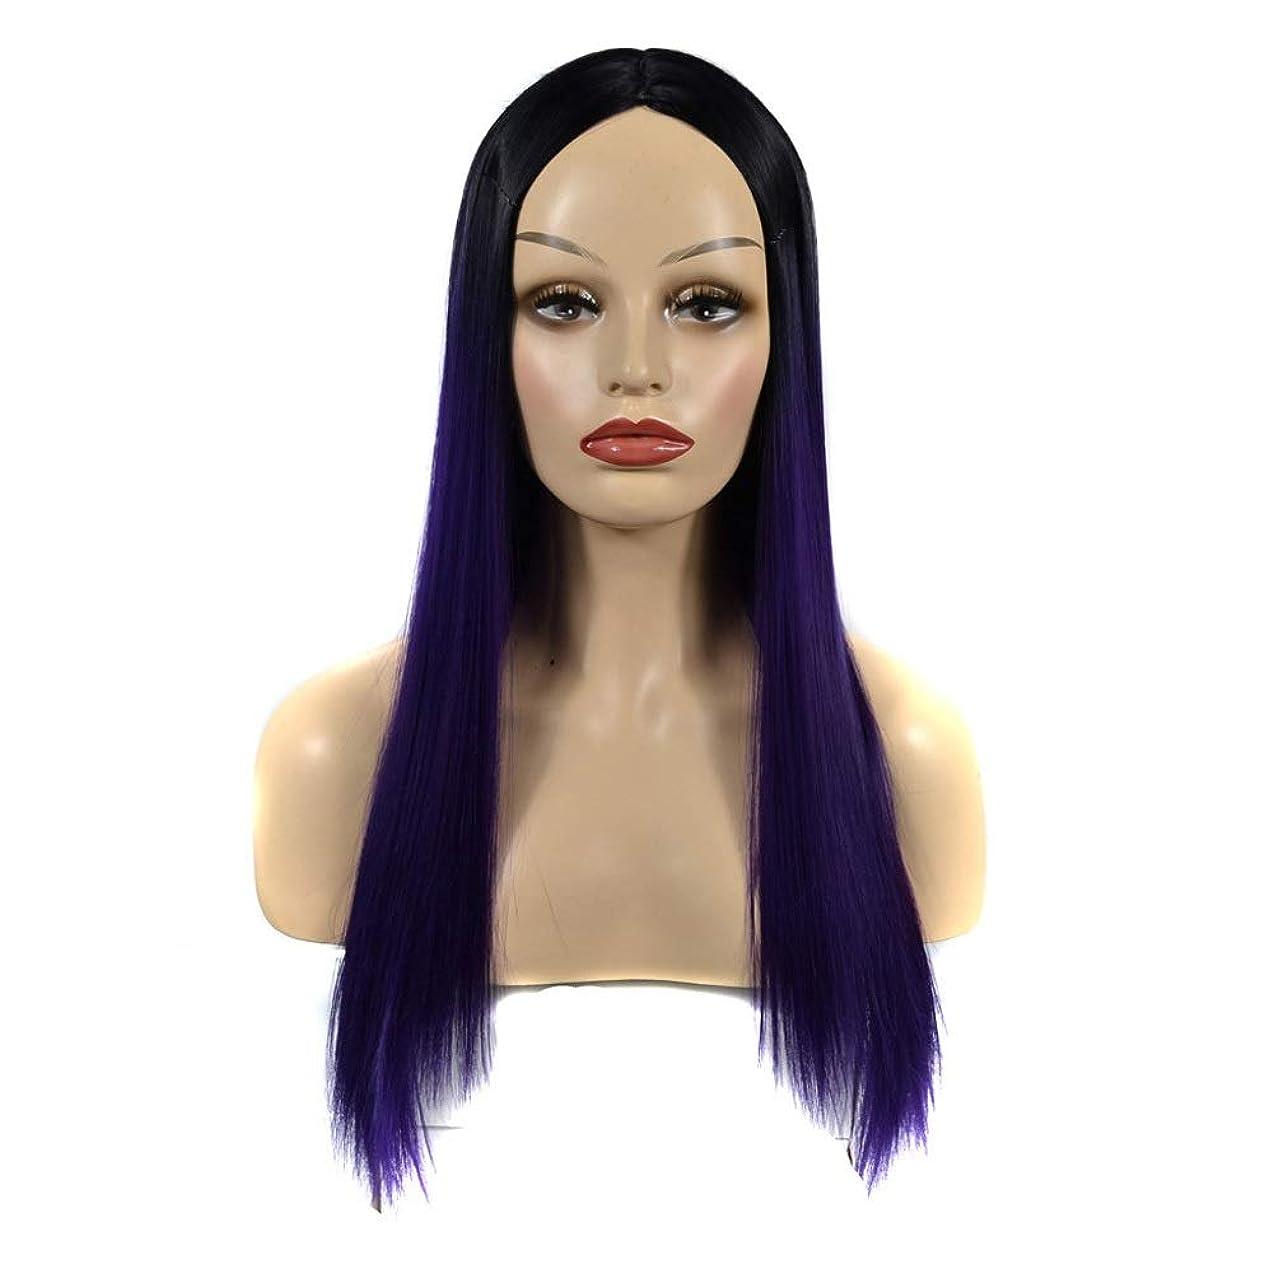 無許可セレナ無効にするYESONEEP 女性の長いストレートヘアブラックグラデーショングレープパープルミドルパートウィッグデイリードレスパーティーウィッグ (Color : Dark Purple, サイズ : 60cm)